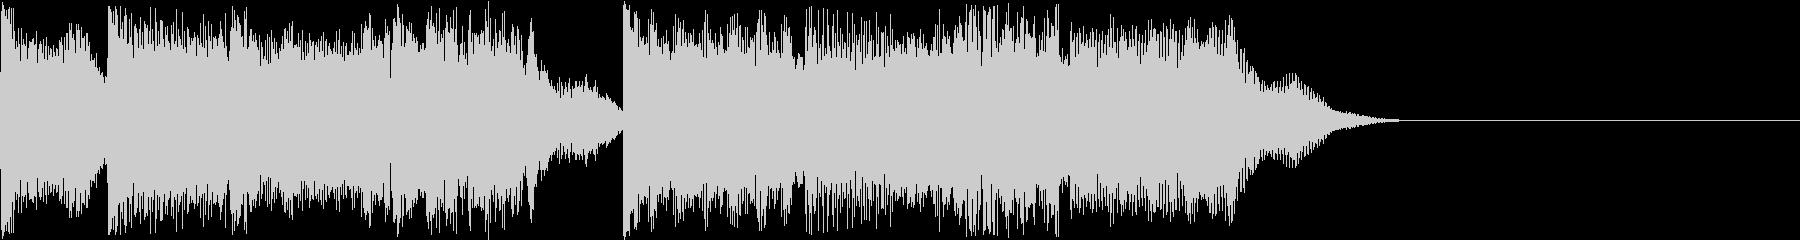 AI メカ/ロボ/マシン動作音 31の未再生の波形